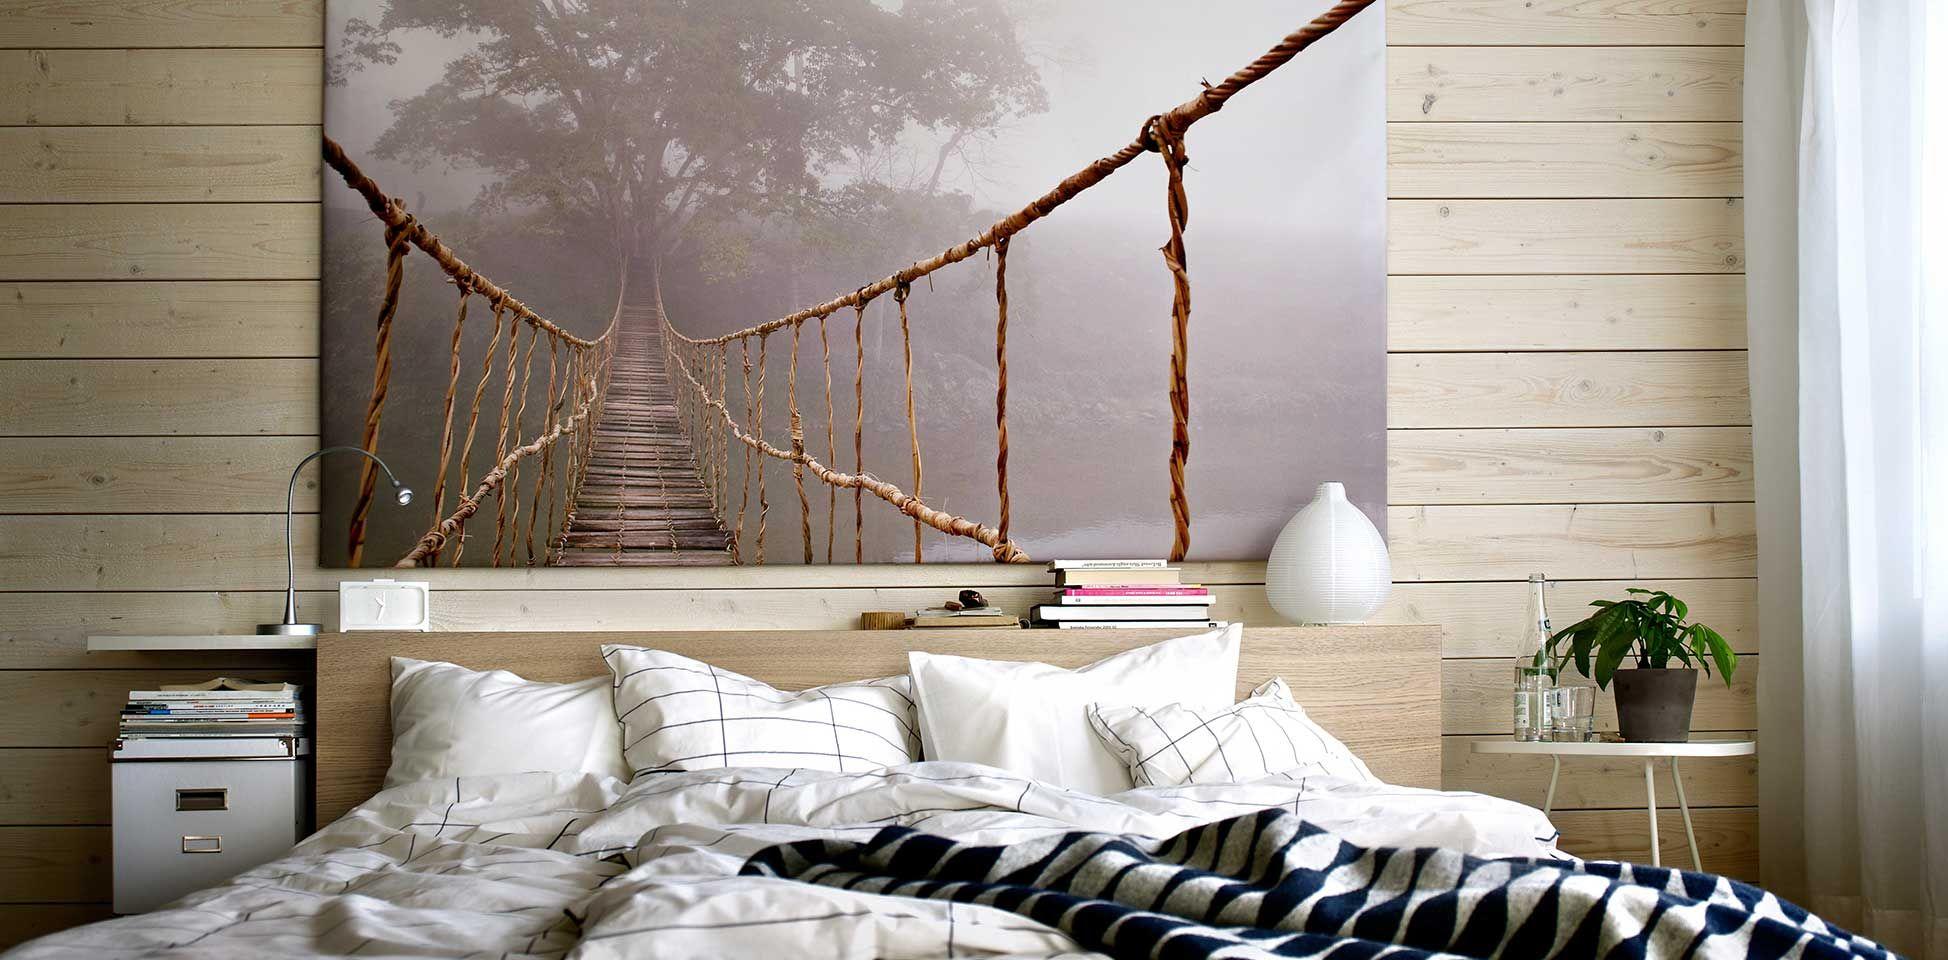 Introducción: Ilumina tu dormitorio para aprovecharlo IKEA